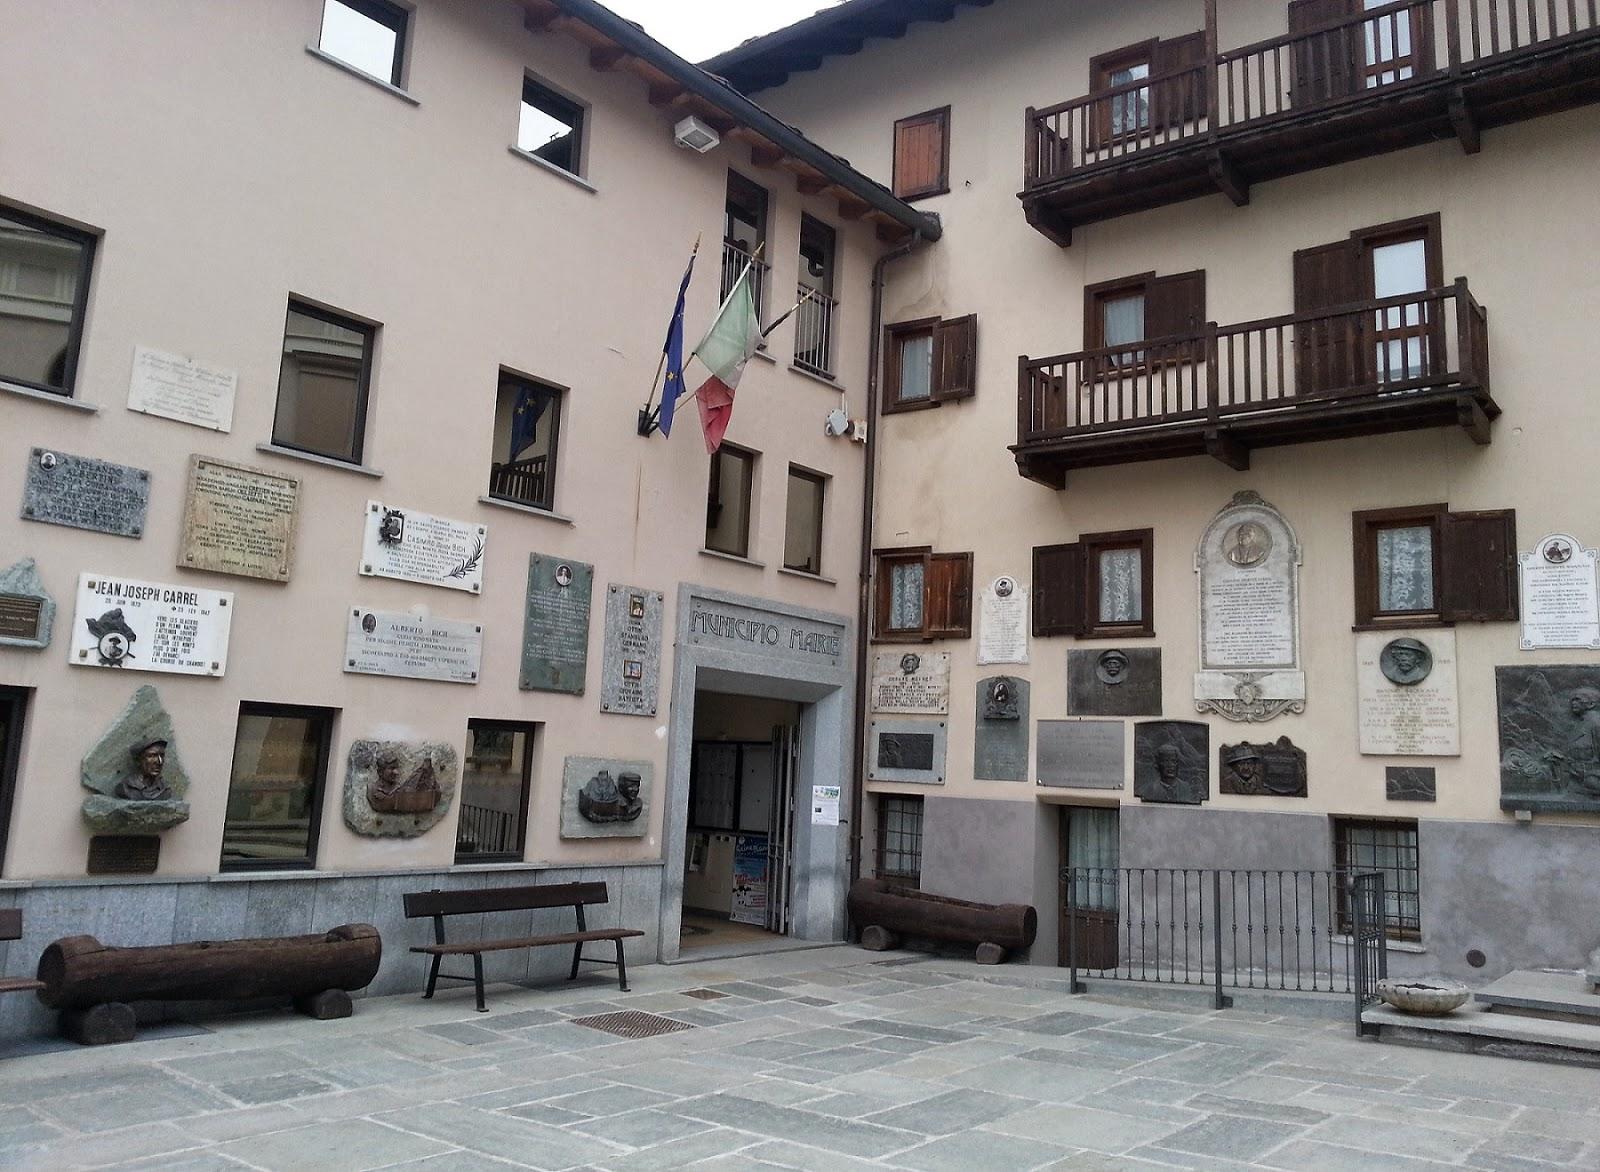 foto Piazza delle <guide Alpine a #Valtournenche